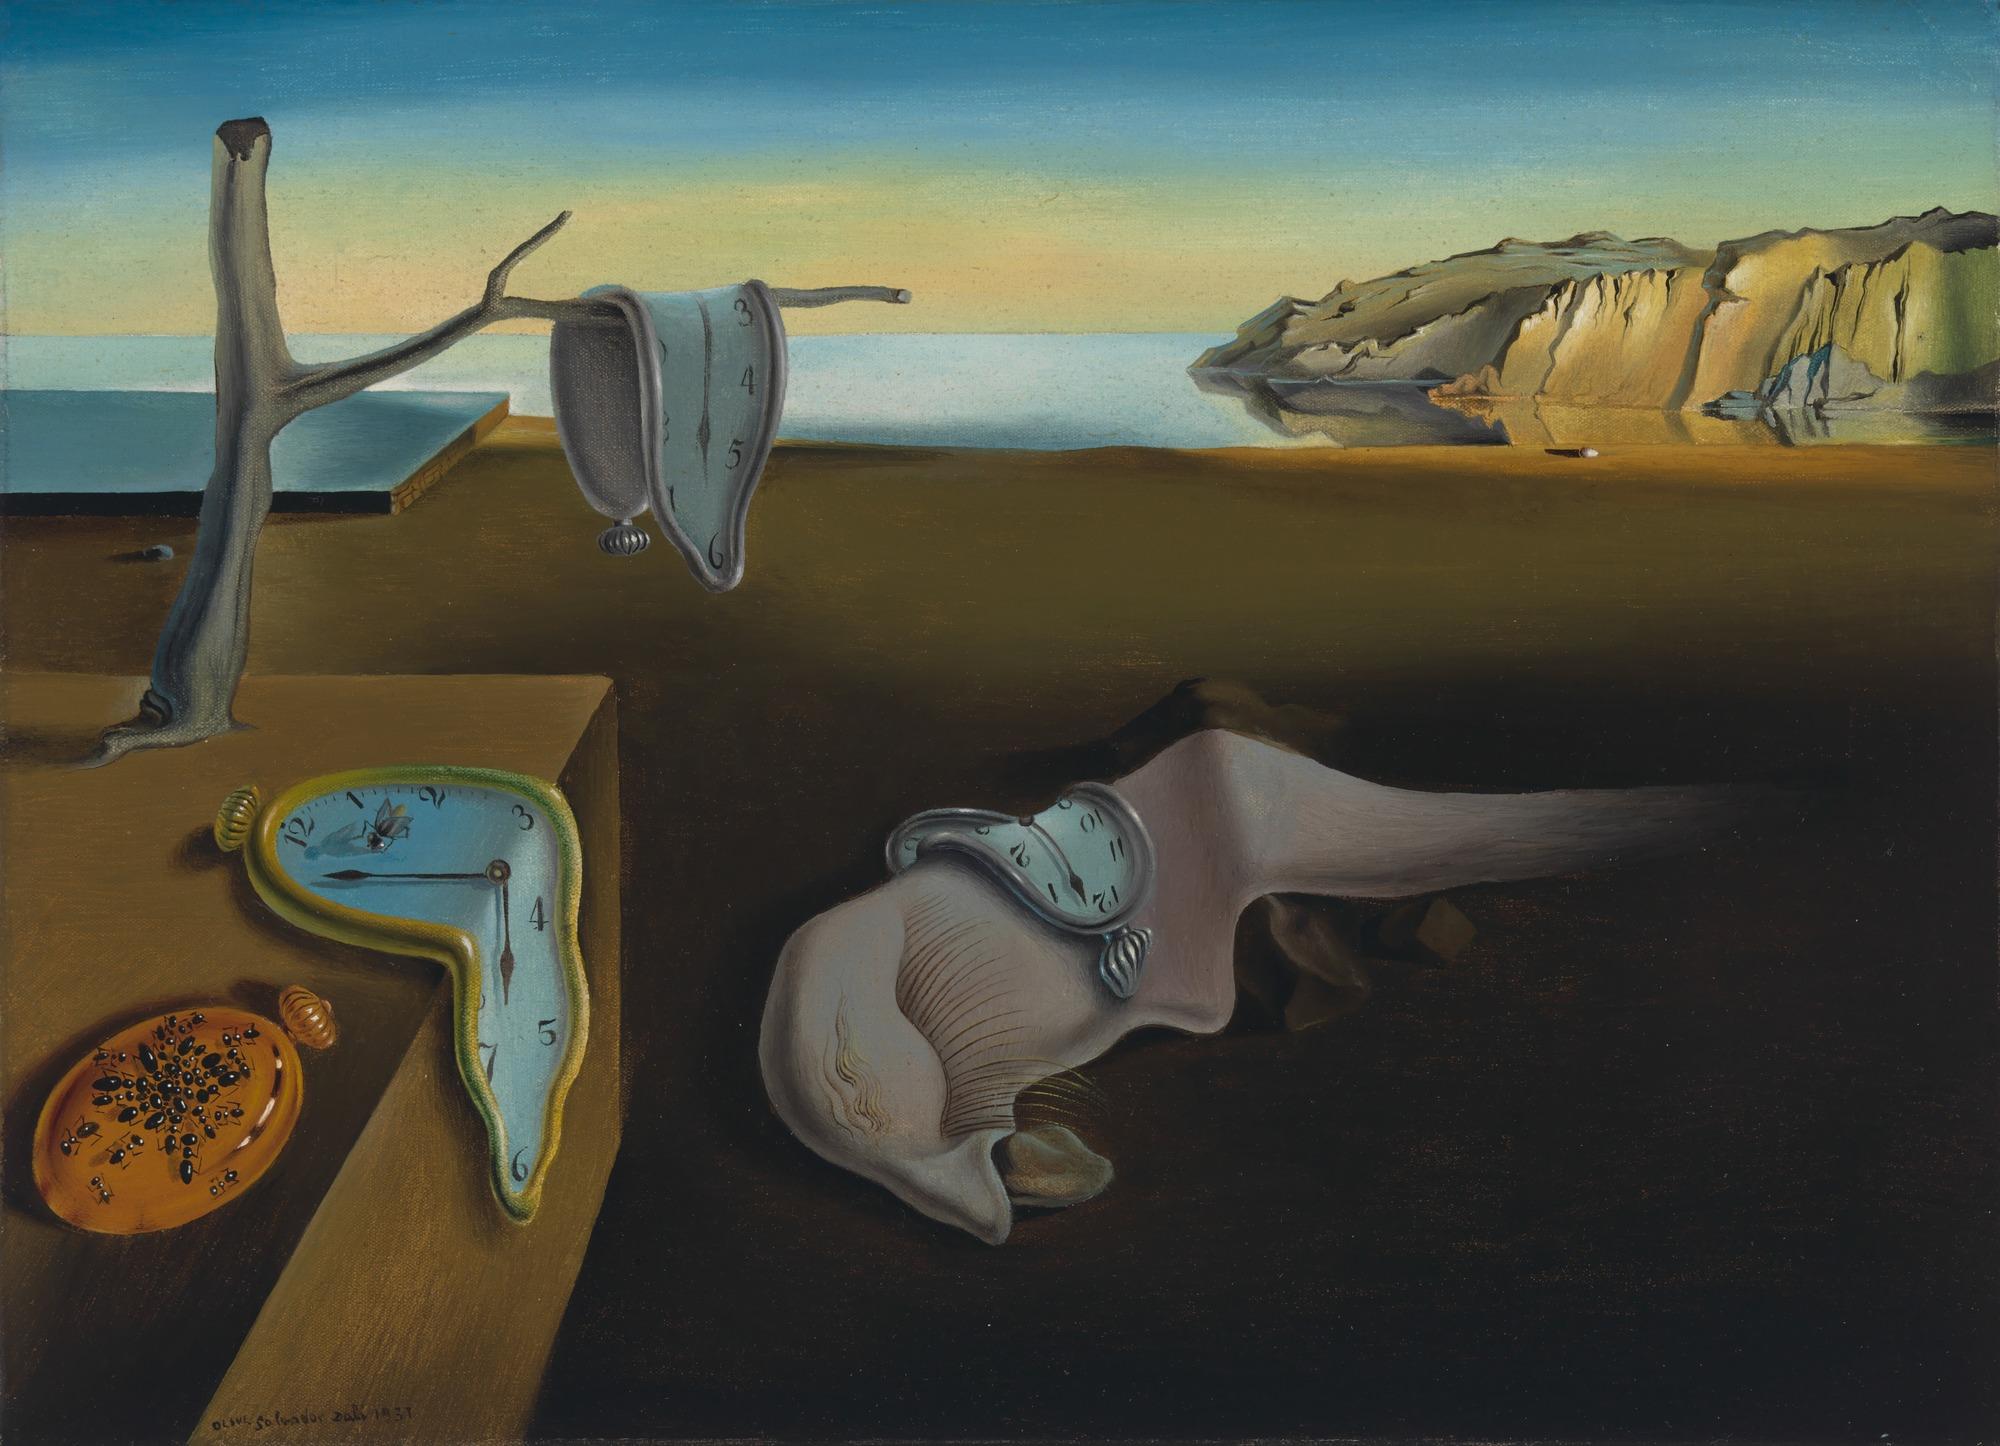 Salvador Dali's surrealist masterpiece